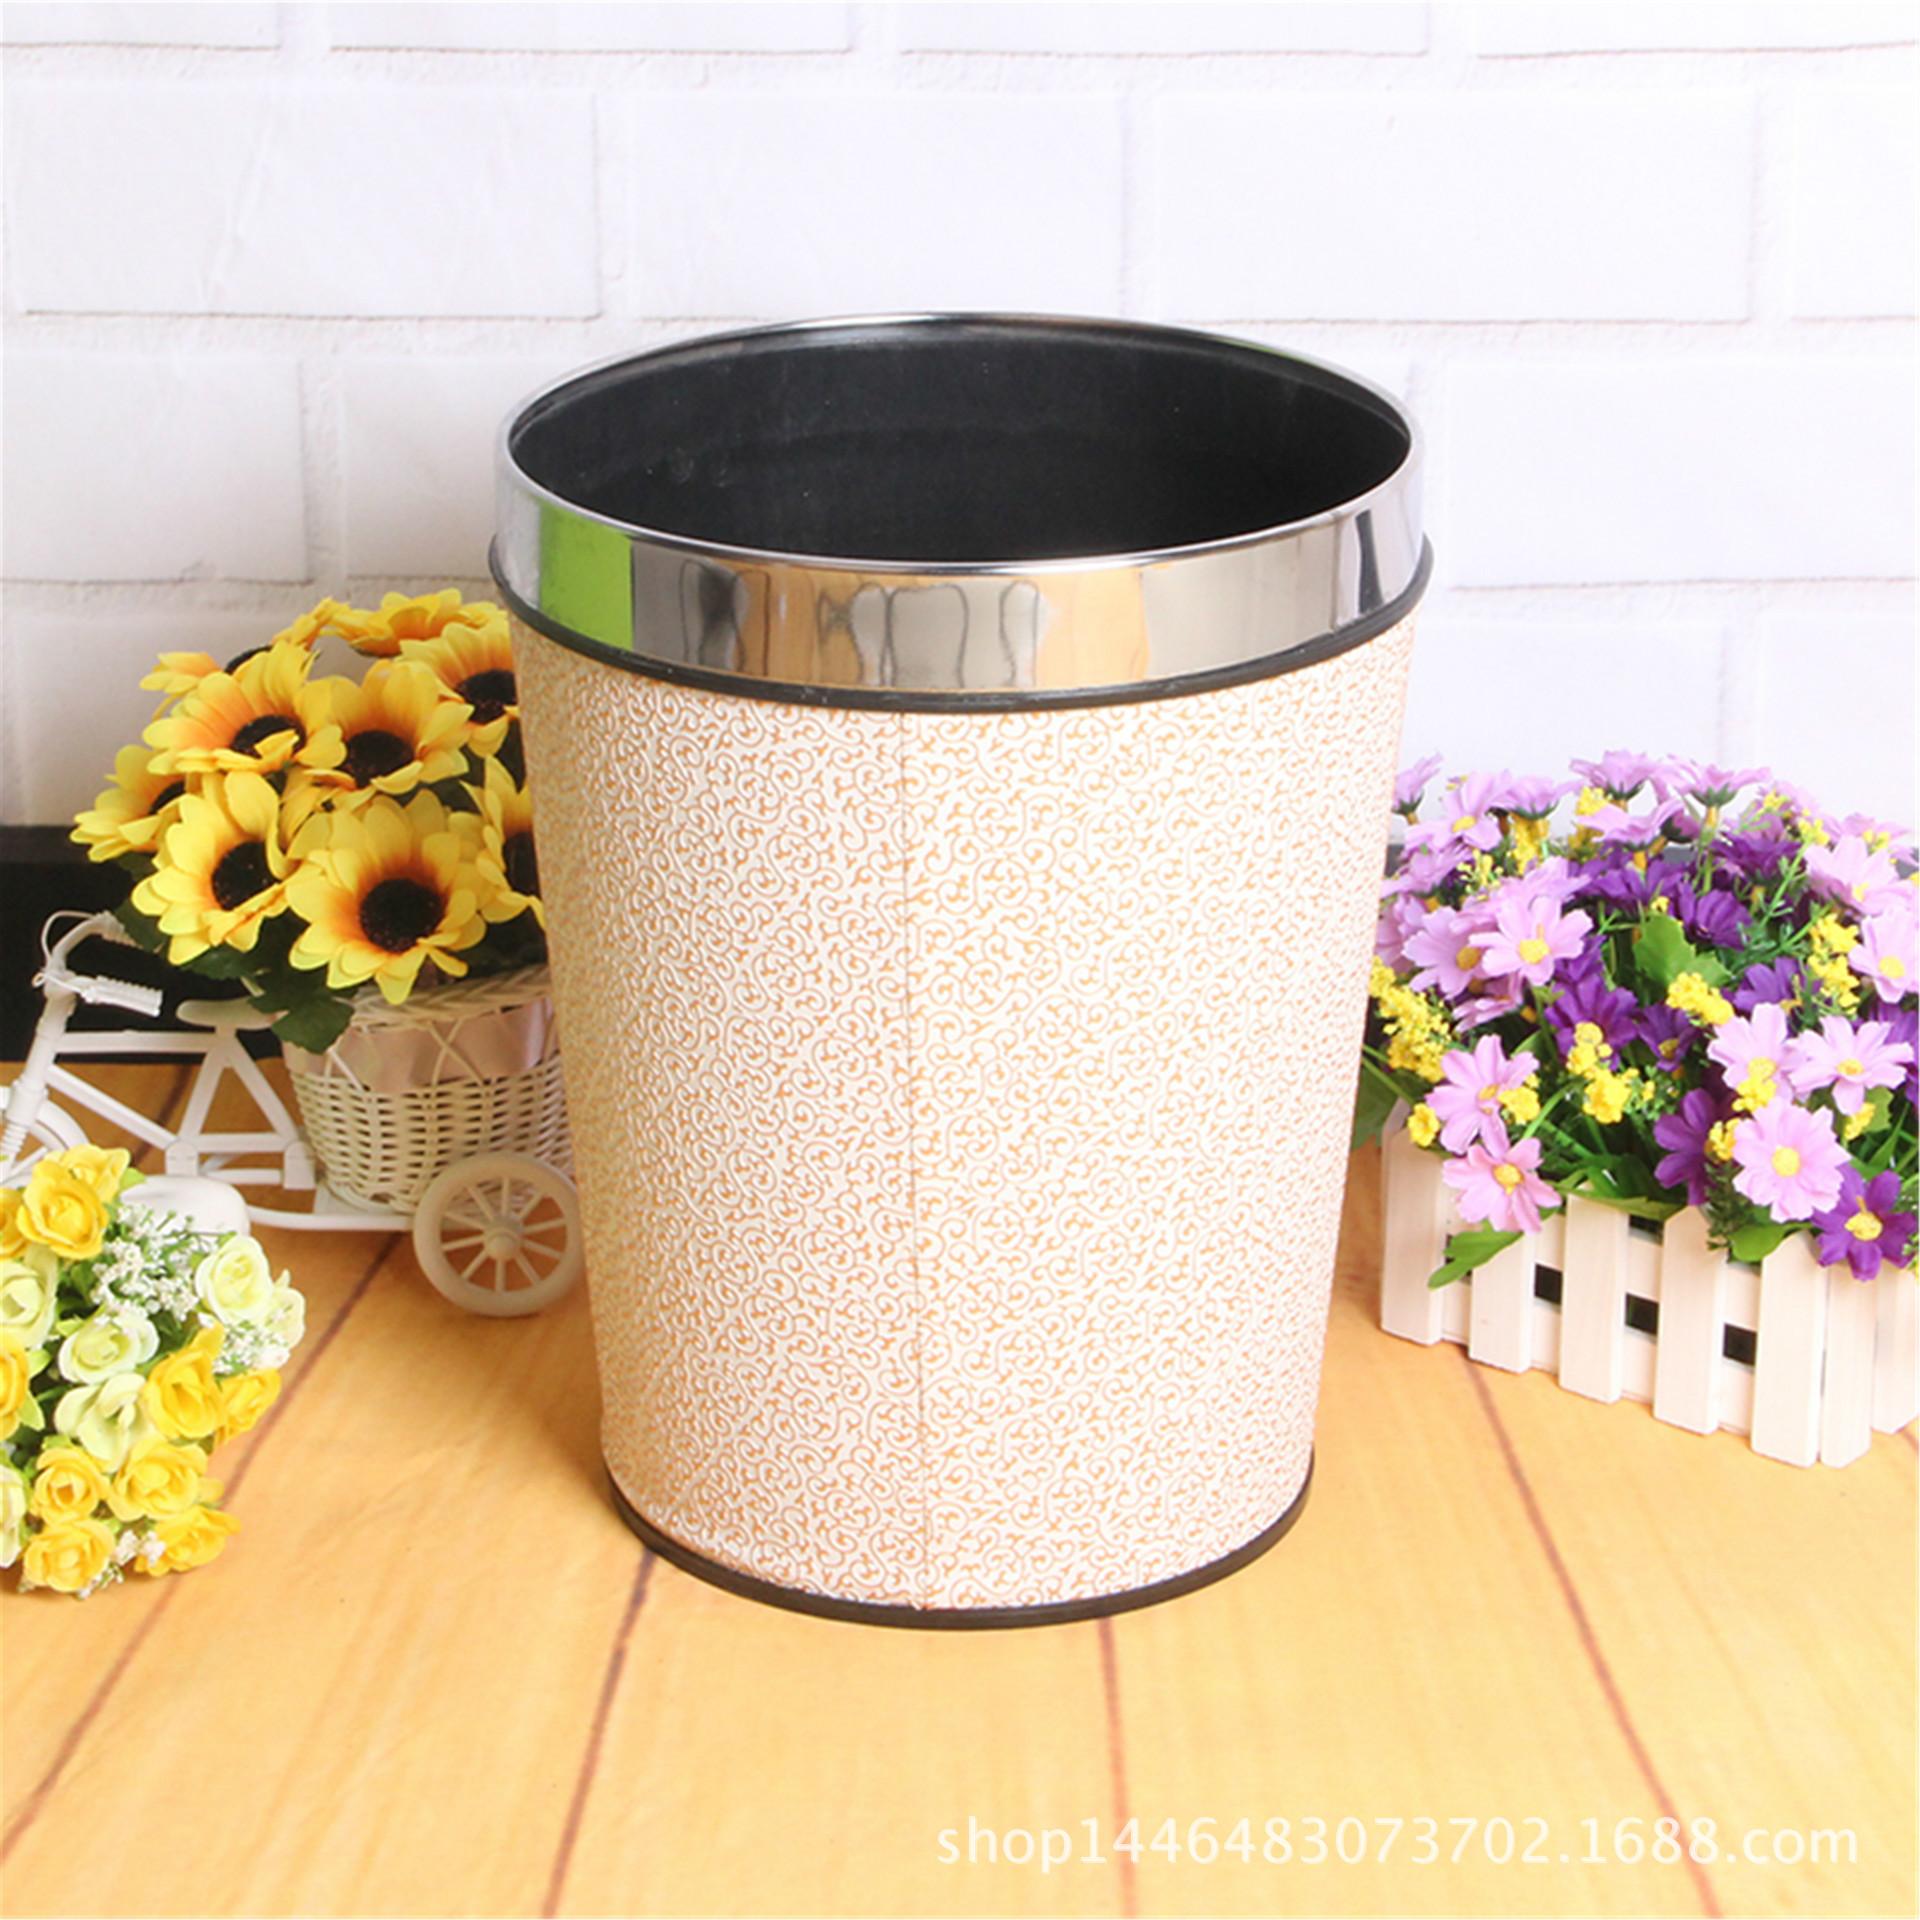 家用垃圾桶_新型带压耐用厨房卫生间家用垃圾桶